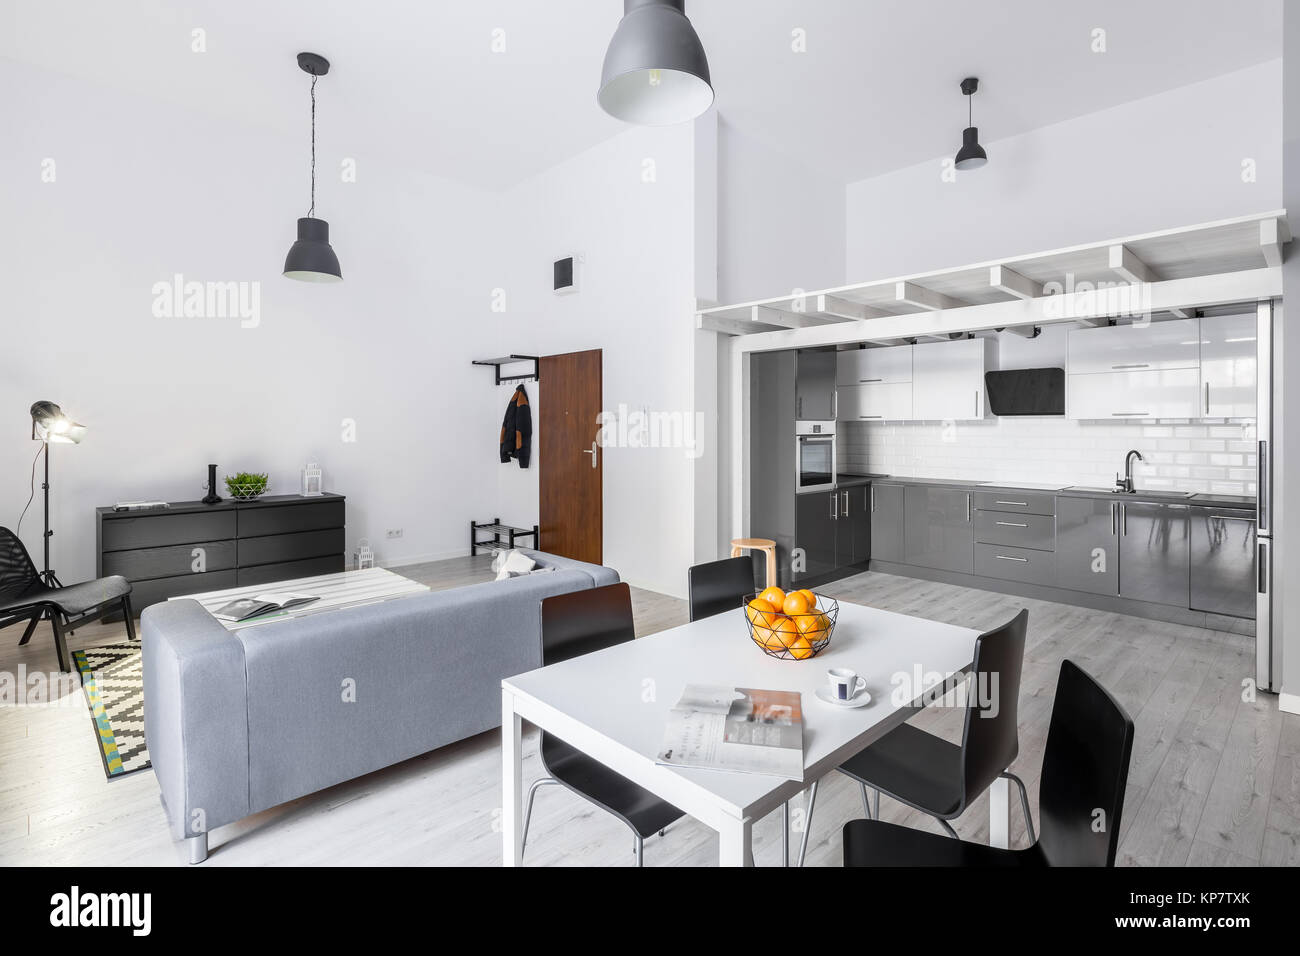 Raum Loft Apartment mit Wohnzimmer, Küche und Mezzanine ...